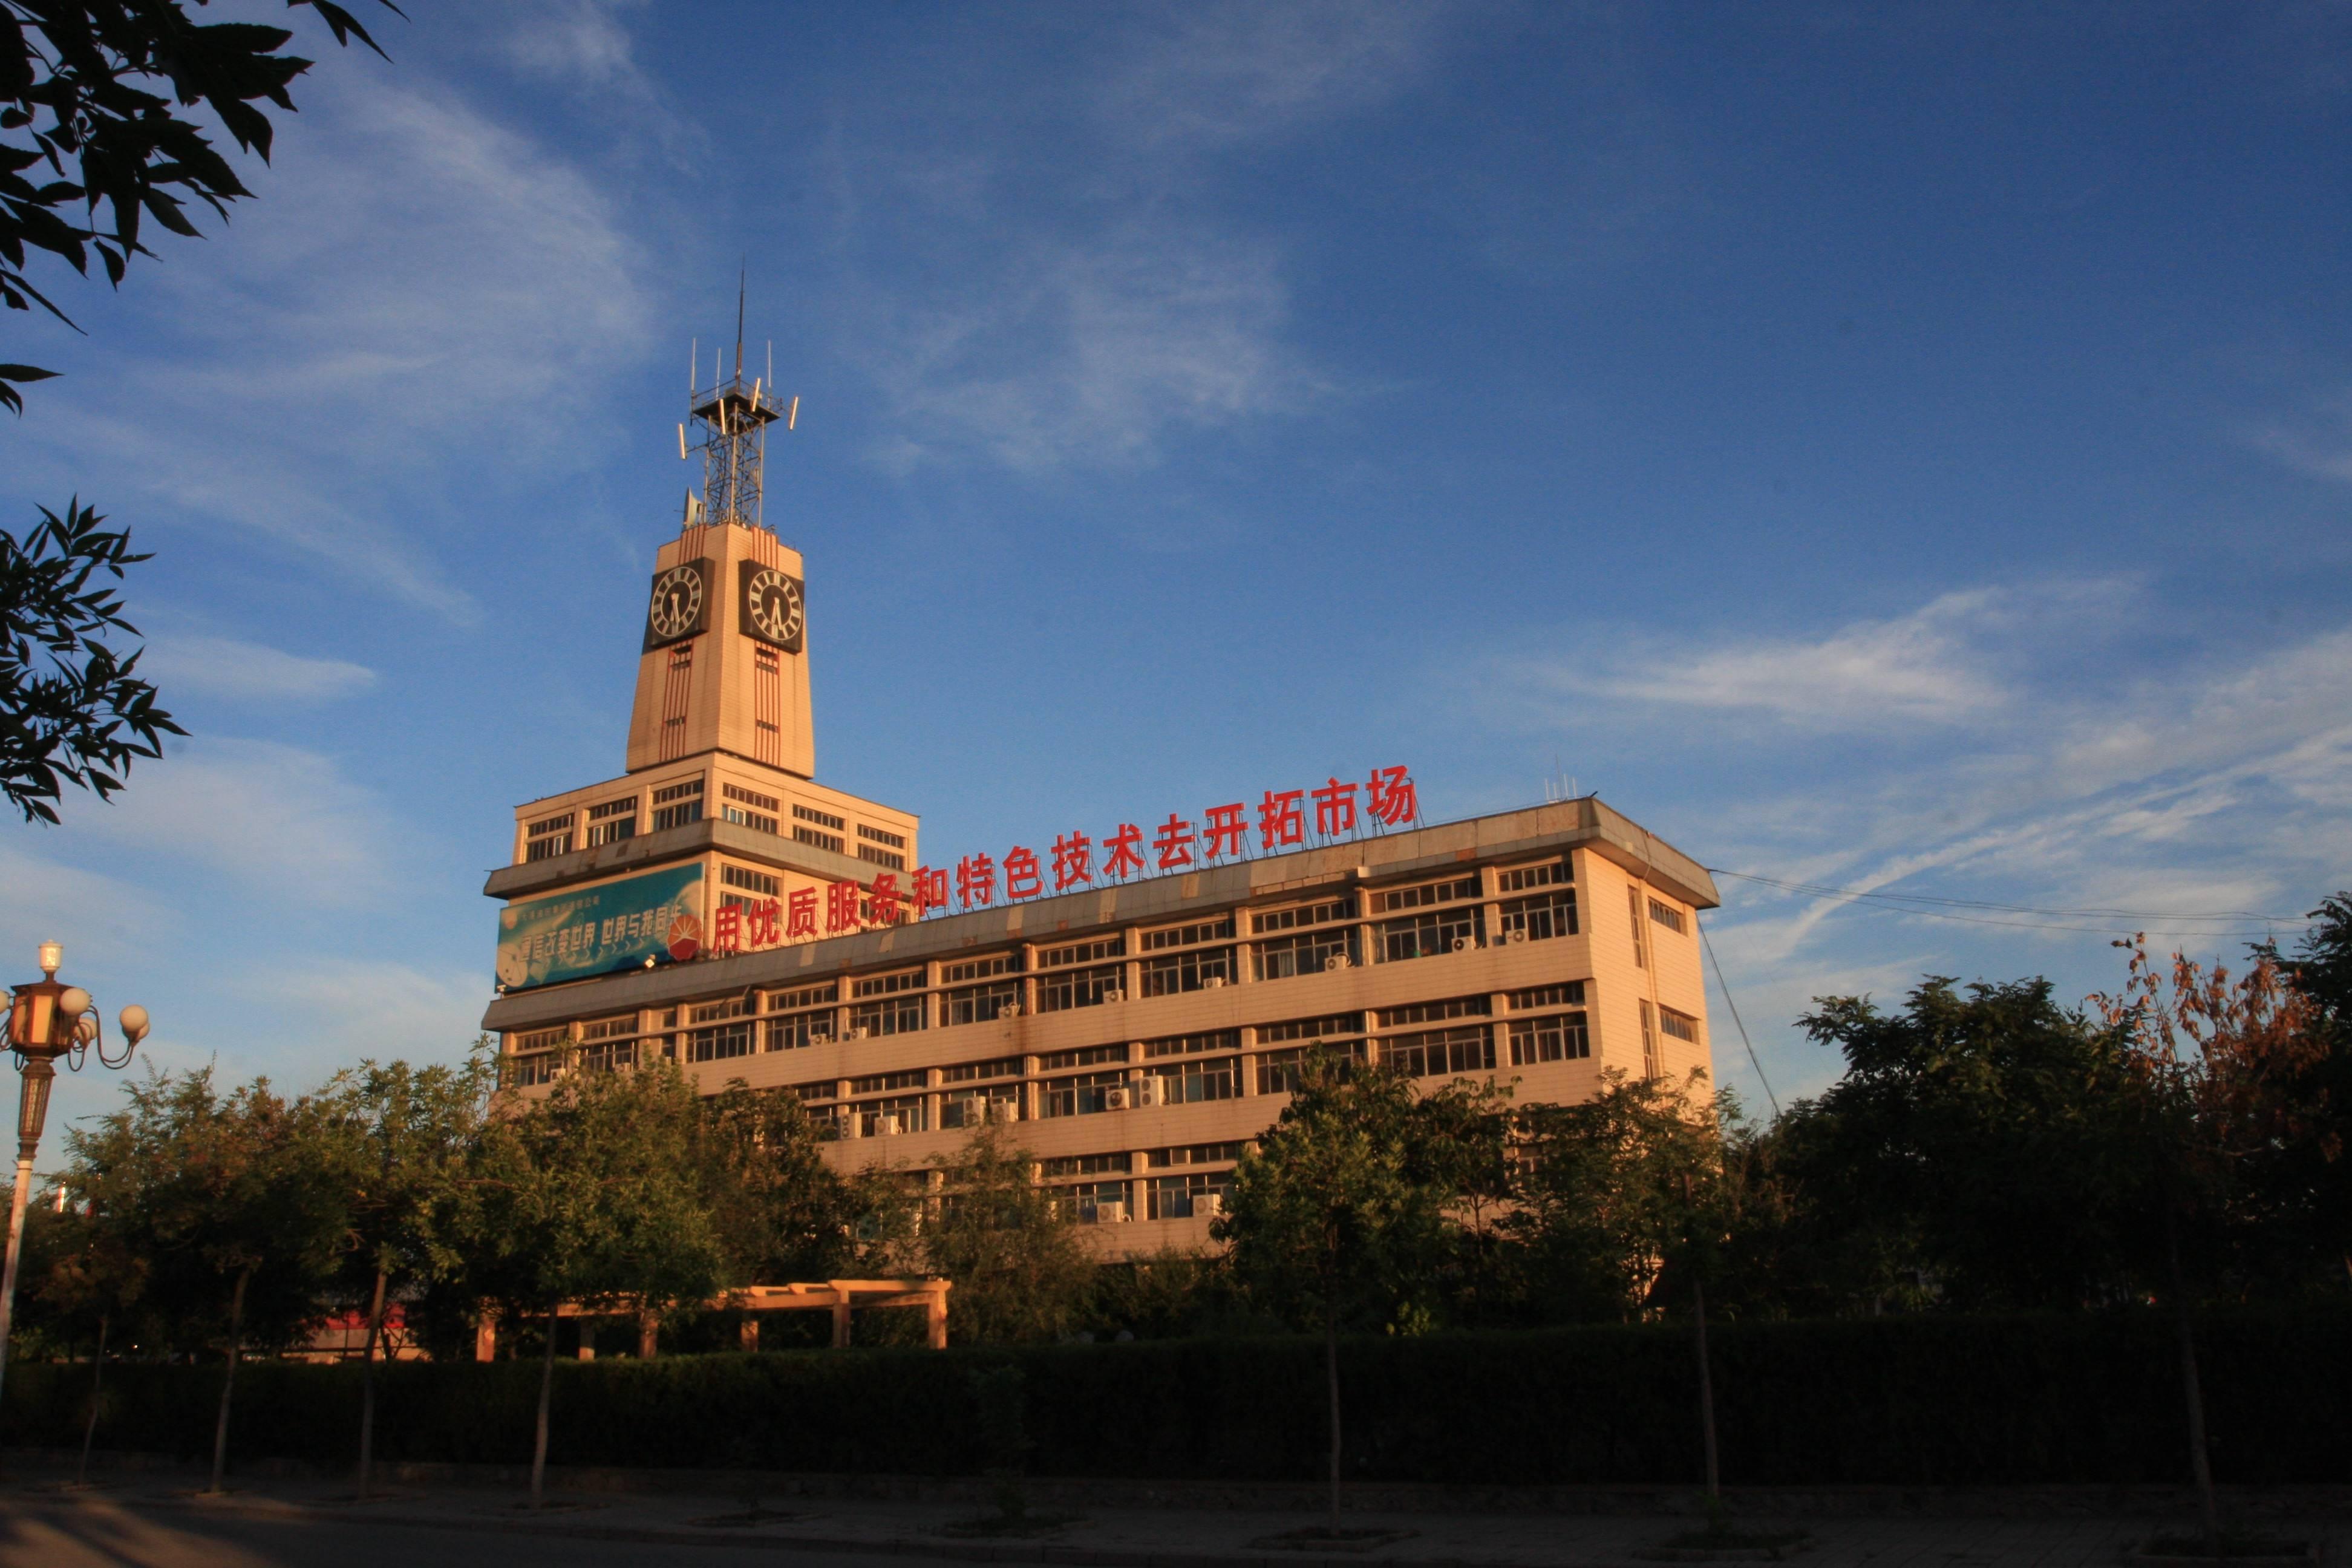 天津大港油田信息中心以实际行动助力提质增效